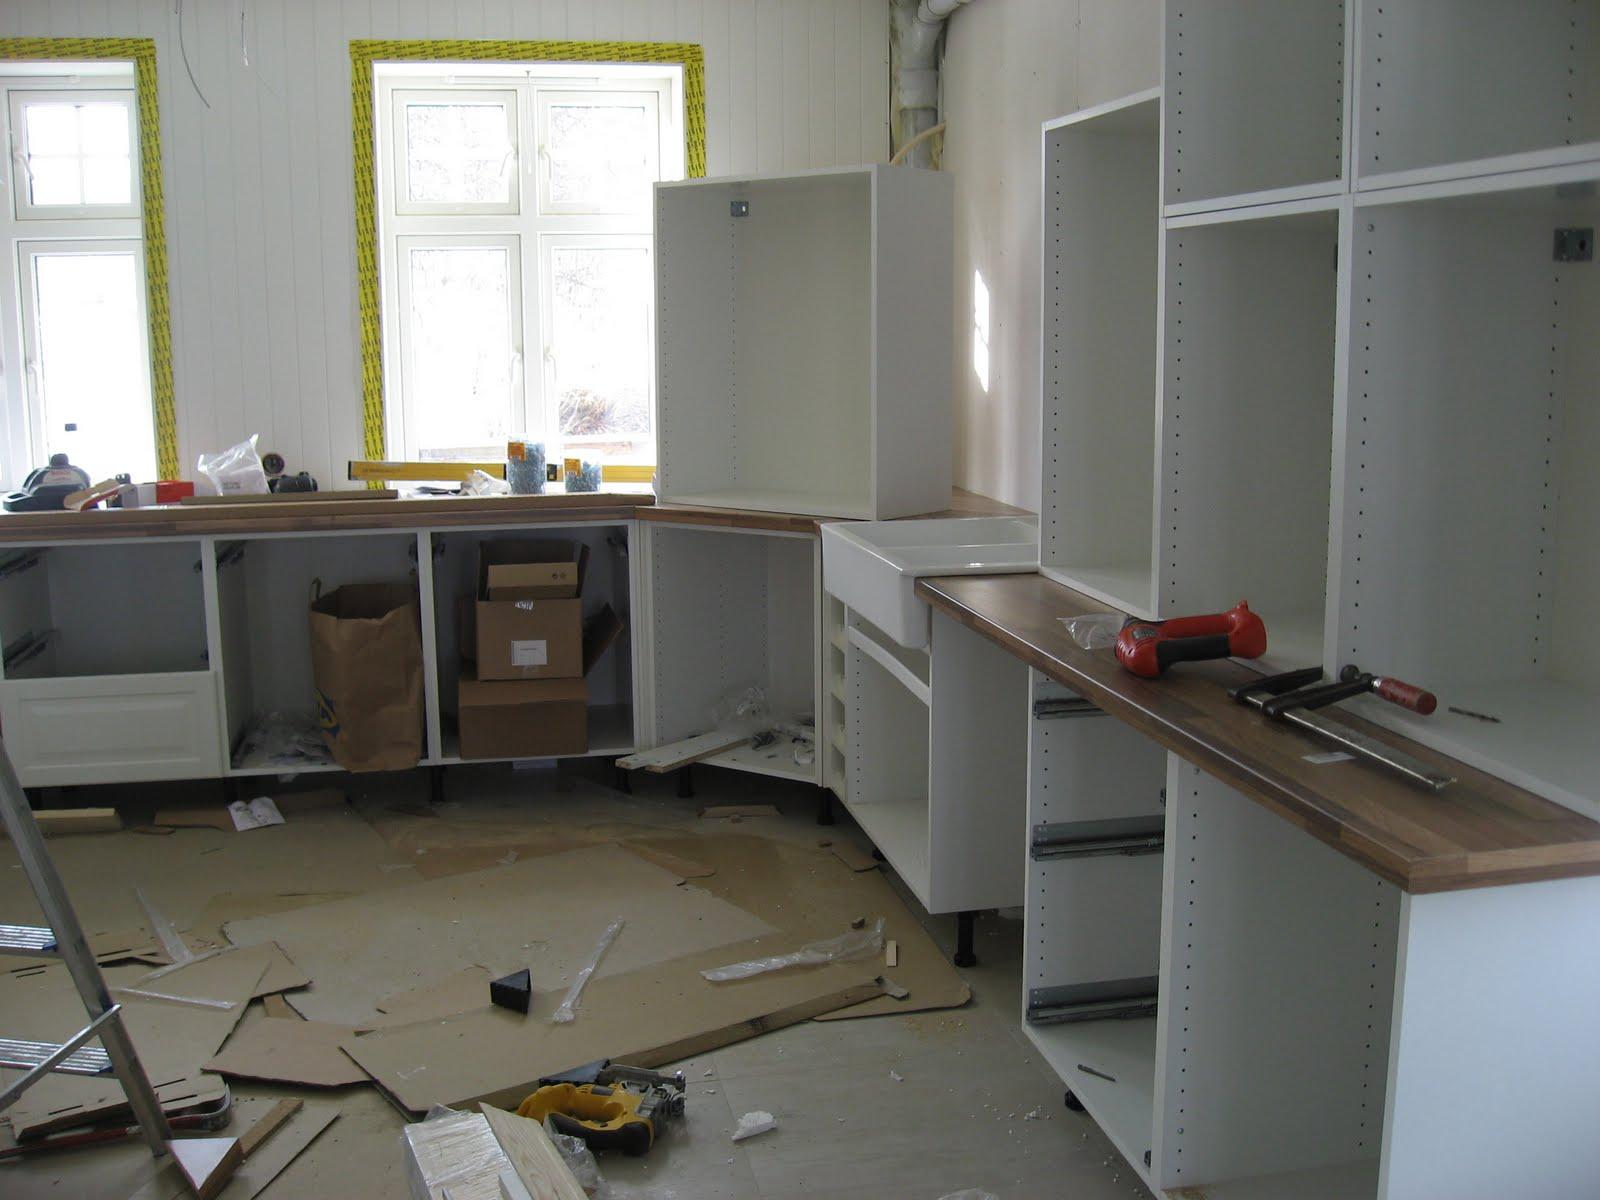 Montere Ikea Kjøkken: Montering av ikea kj%C%Bkken. Kjøkkenet ...